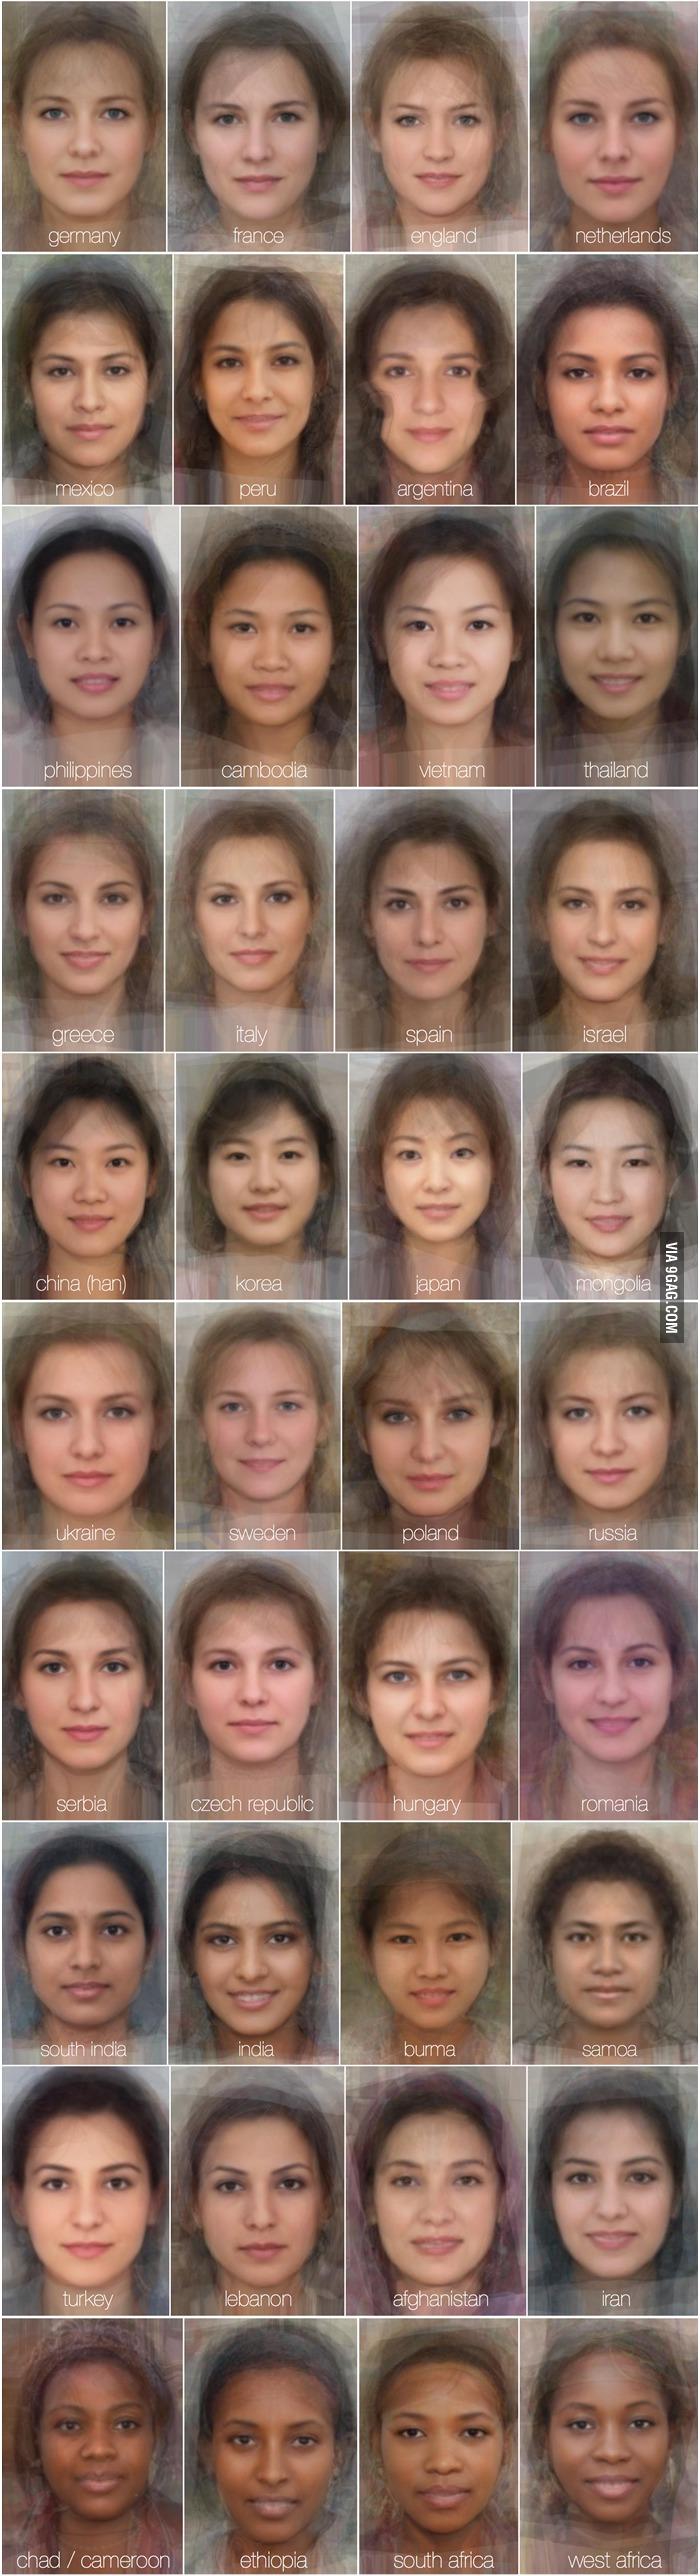 Les visages de la femme moyenne, pays par pays